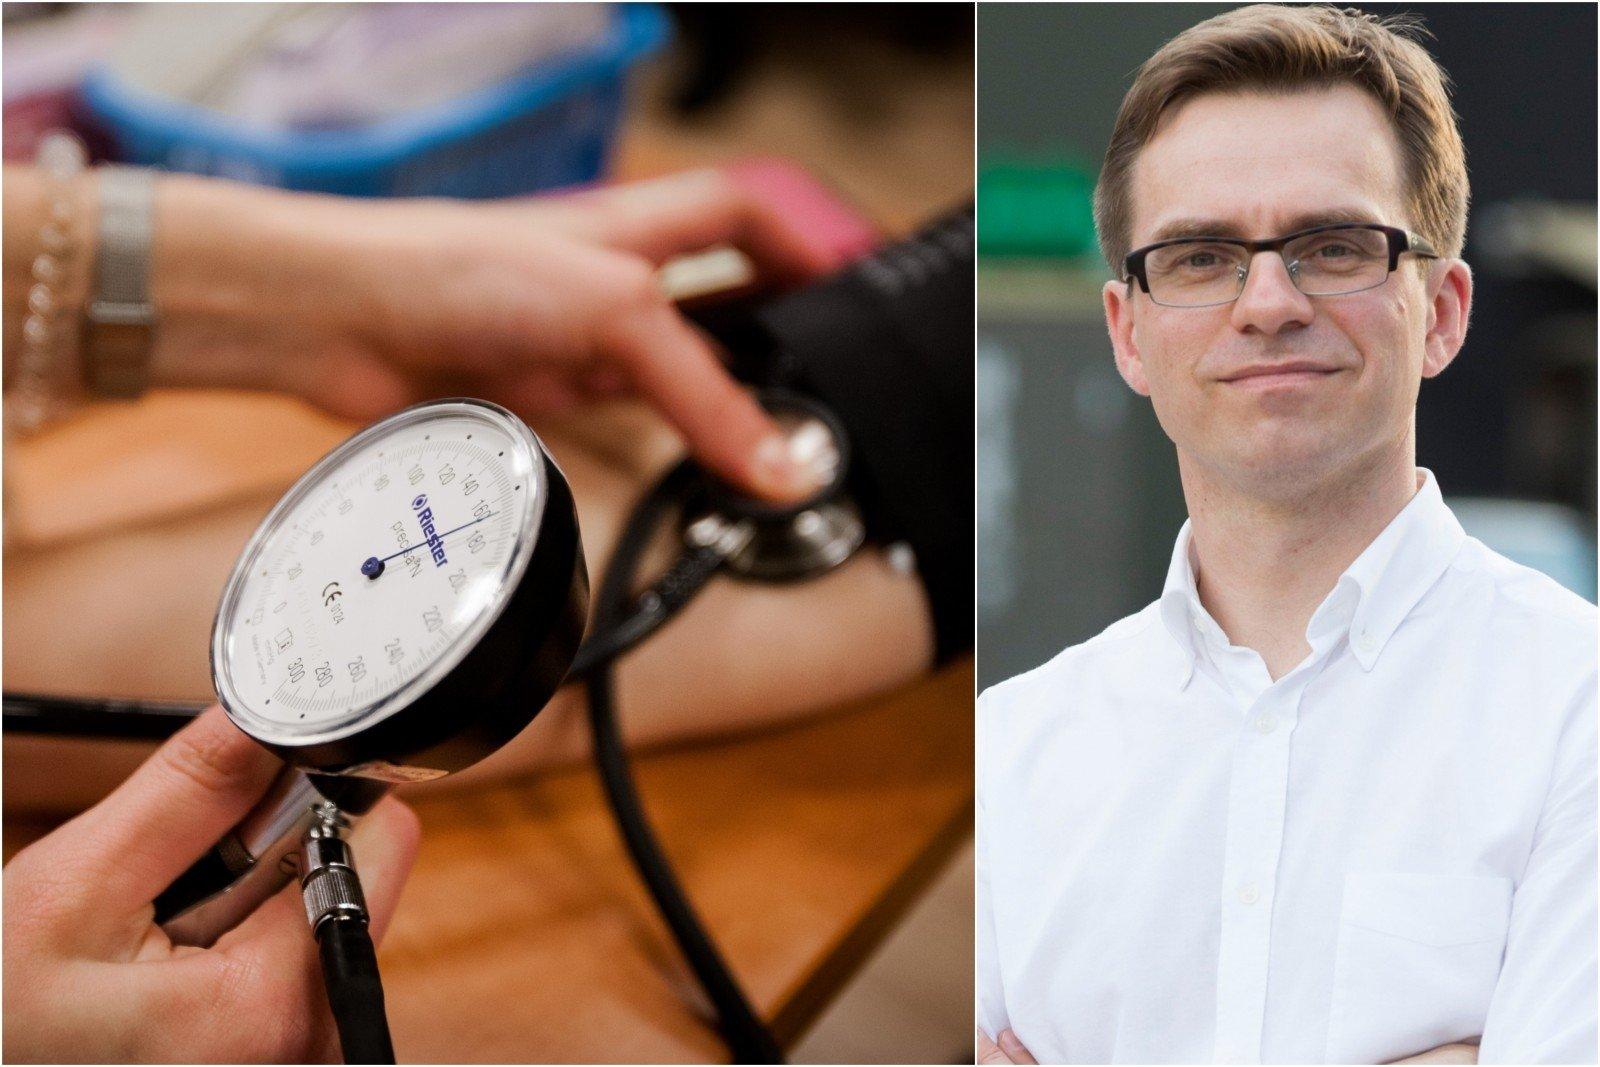 vasaros širdies sveikatos patarimai hipertenzijos po išeminio insulto gydymas